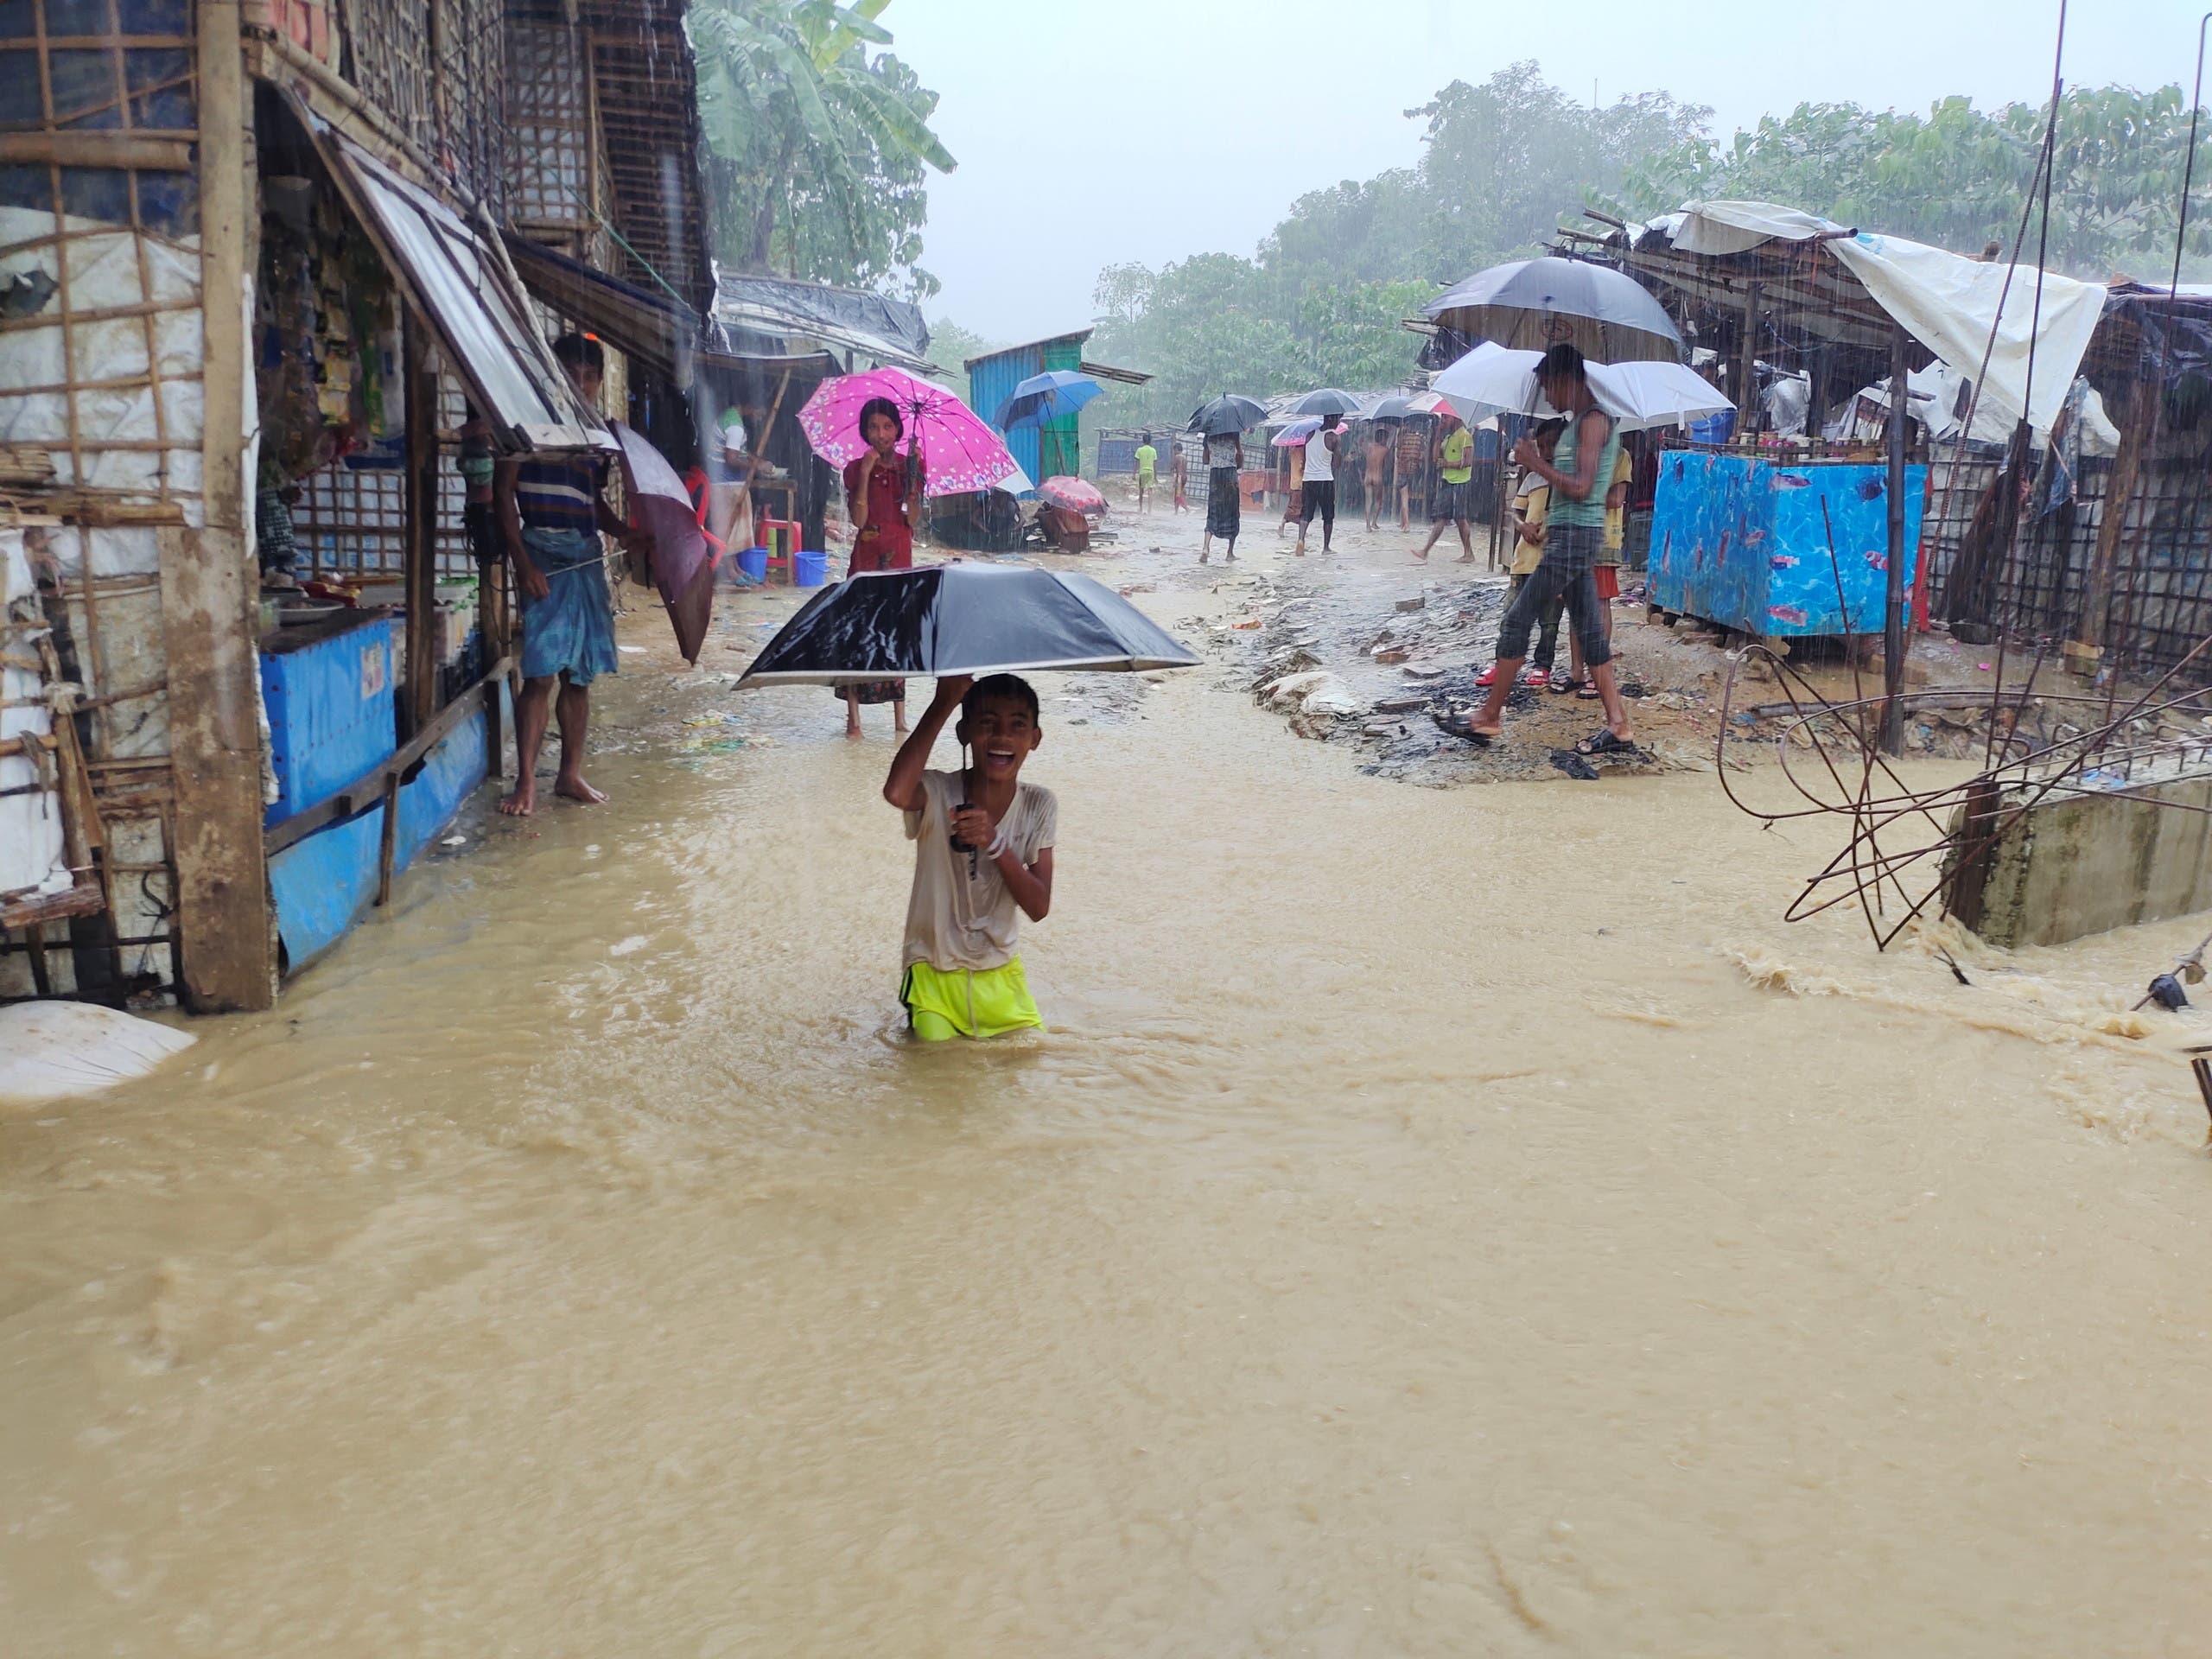 الفيضانات تغرق مخيم للاجئين الروهينغا في بنغلادش